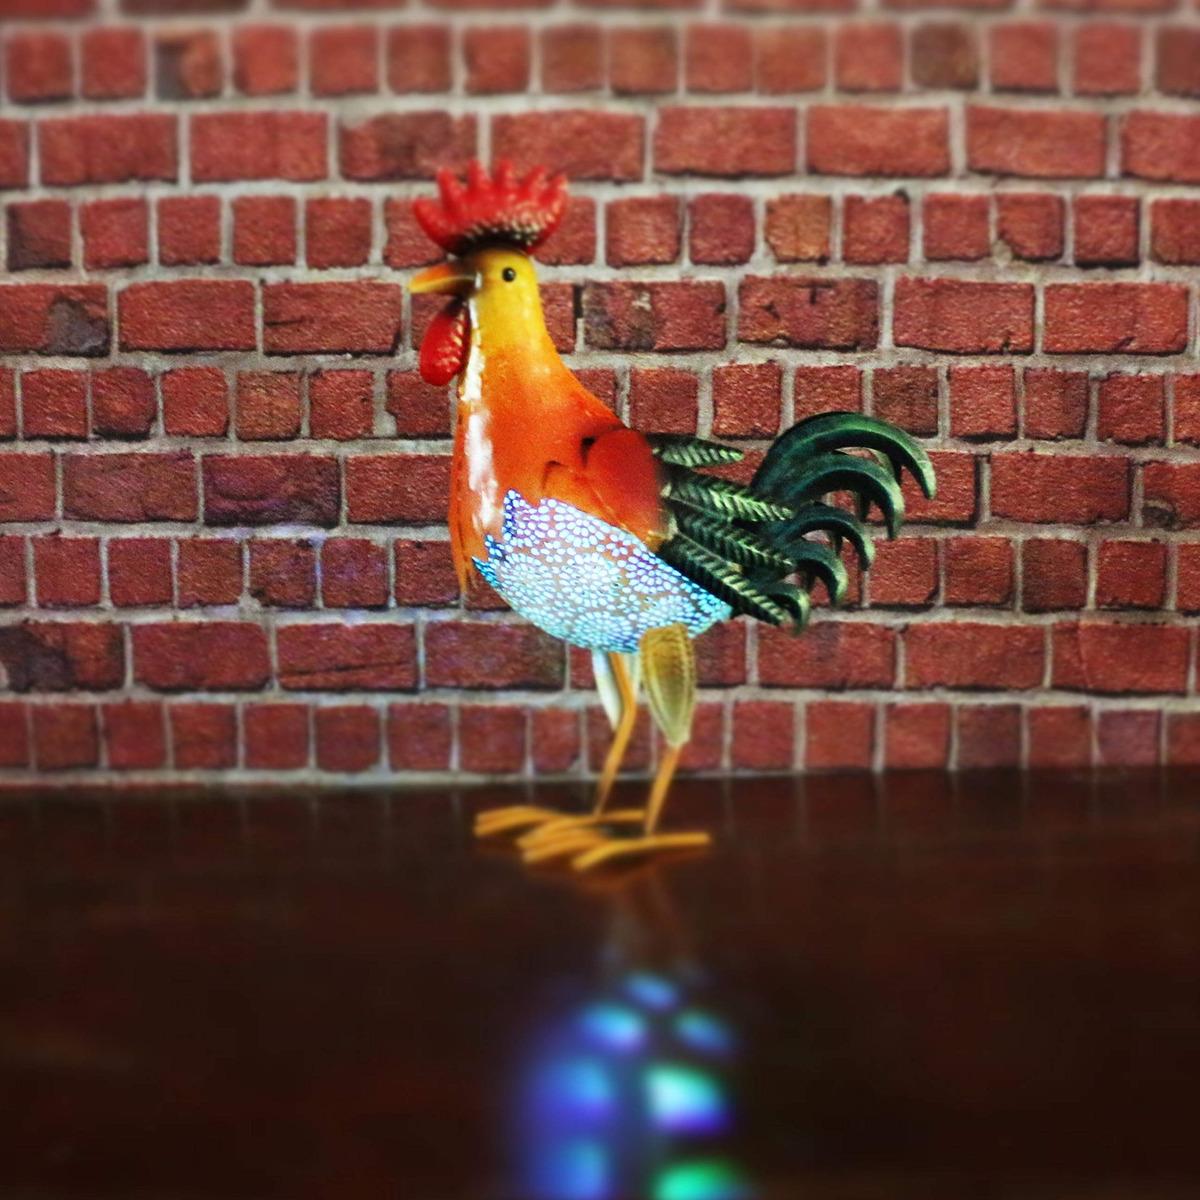 W Dian Solar Animal Lights Metal Rooster Decor Outdoor Gard 187 900 En Mercado Libre